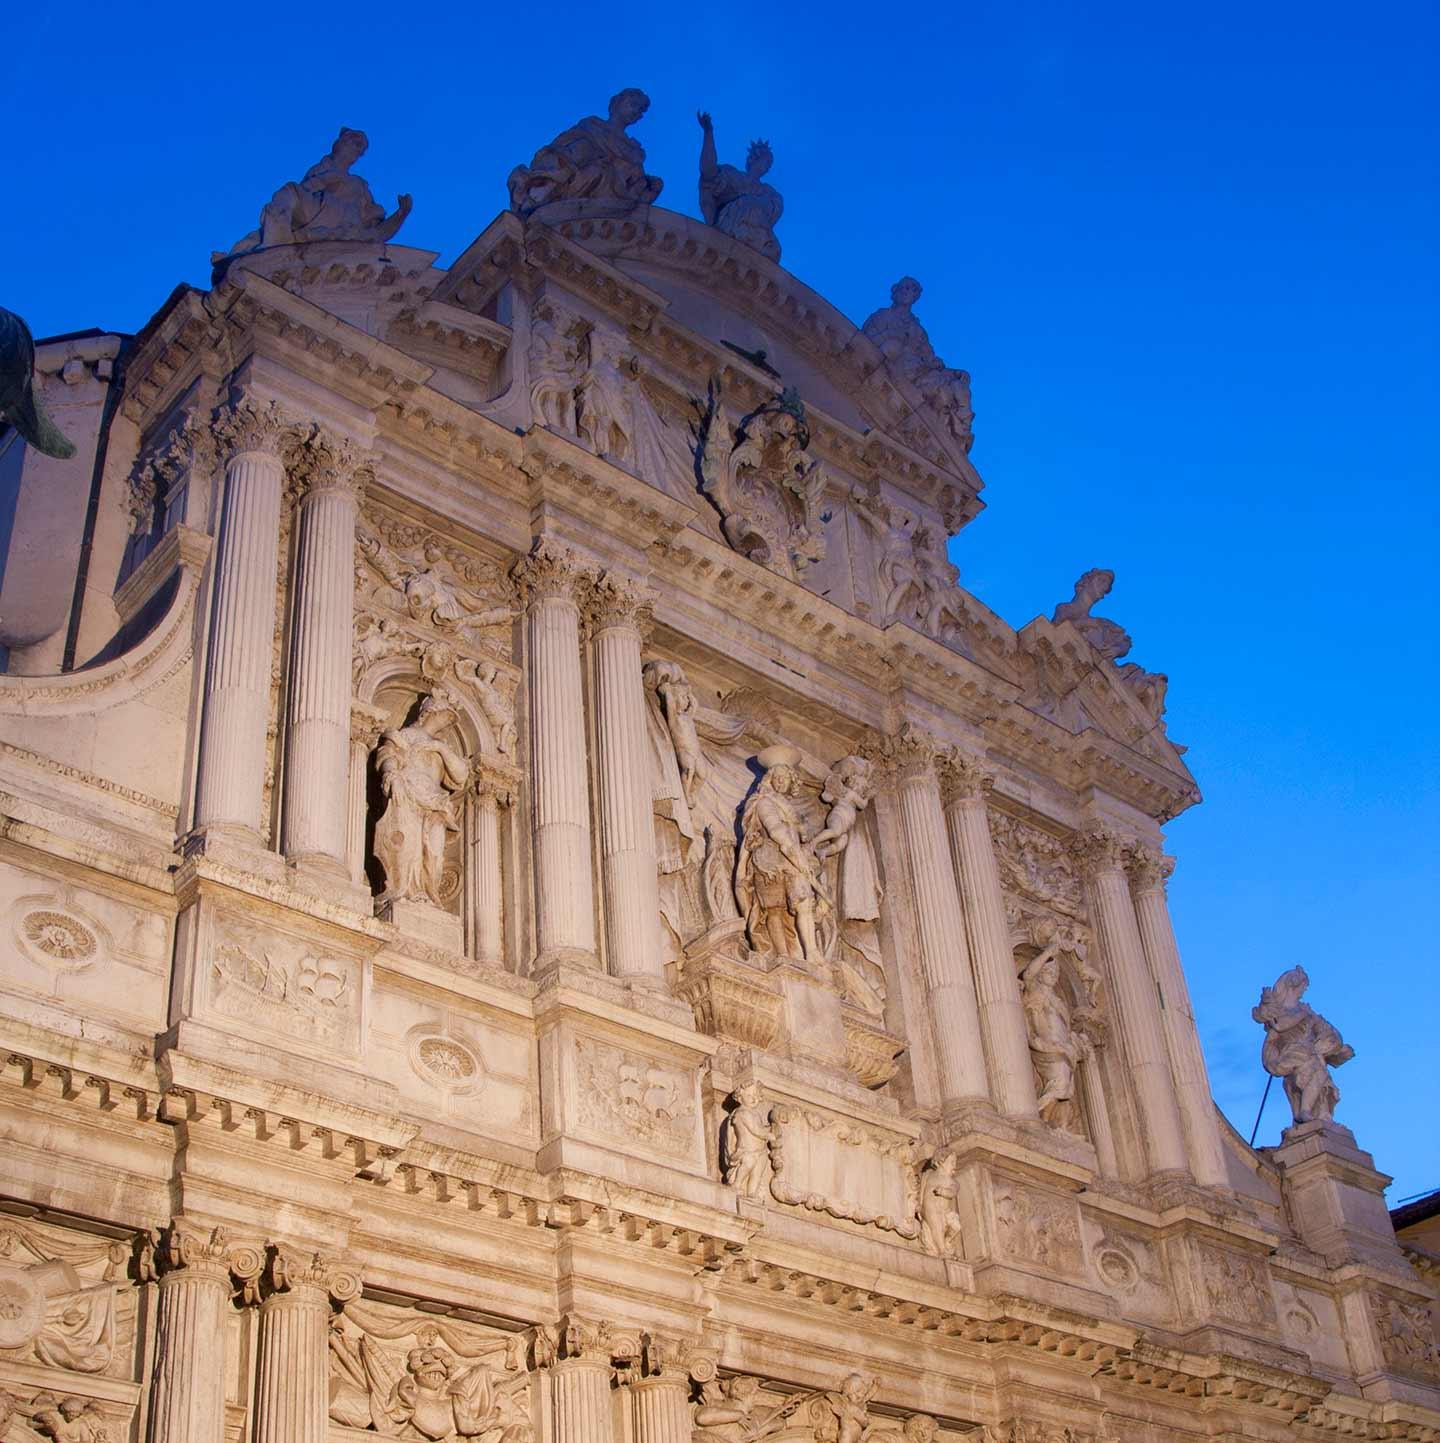 Image of Santa Maria del Giglio church Venice